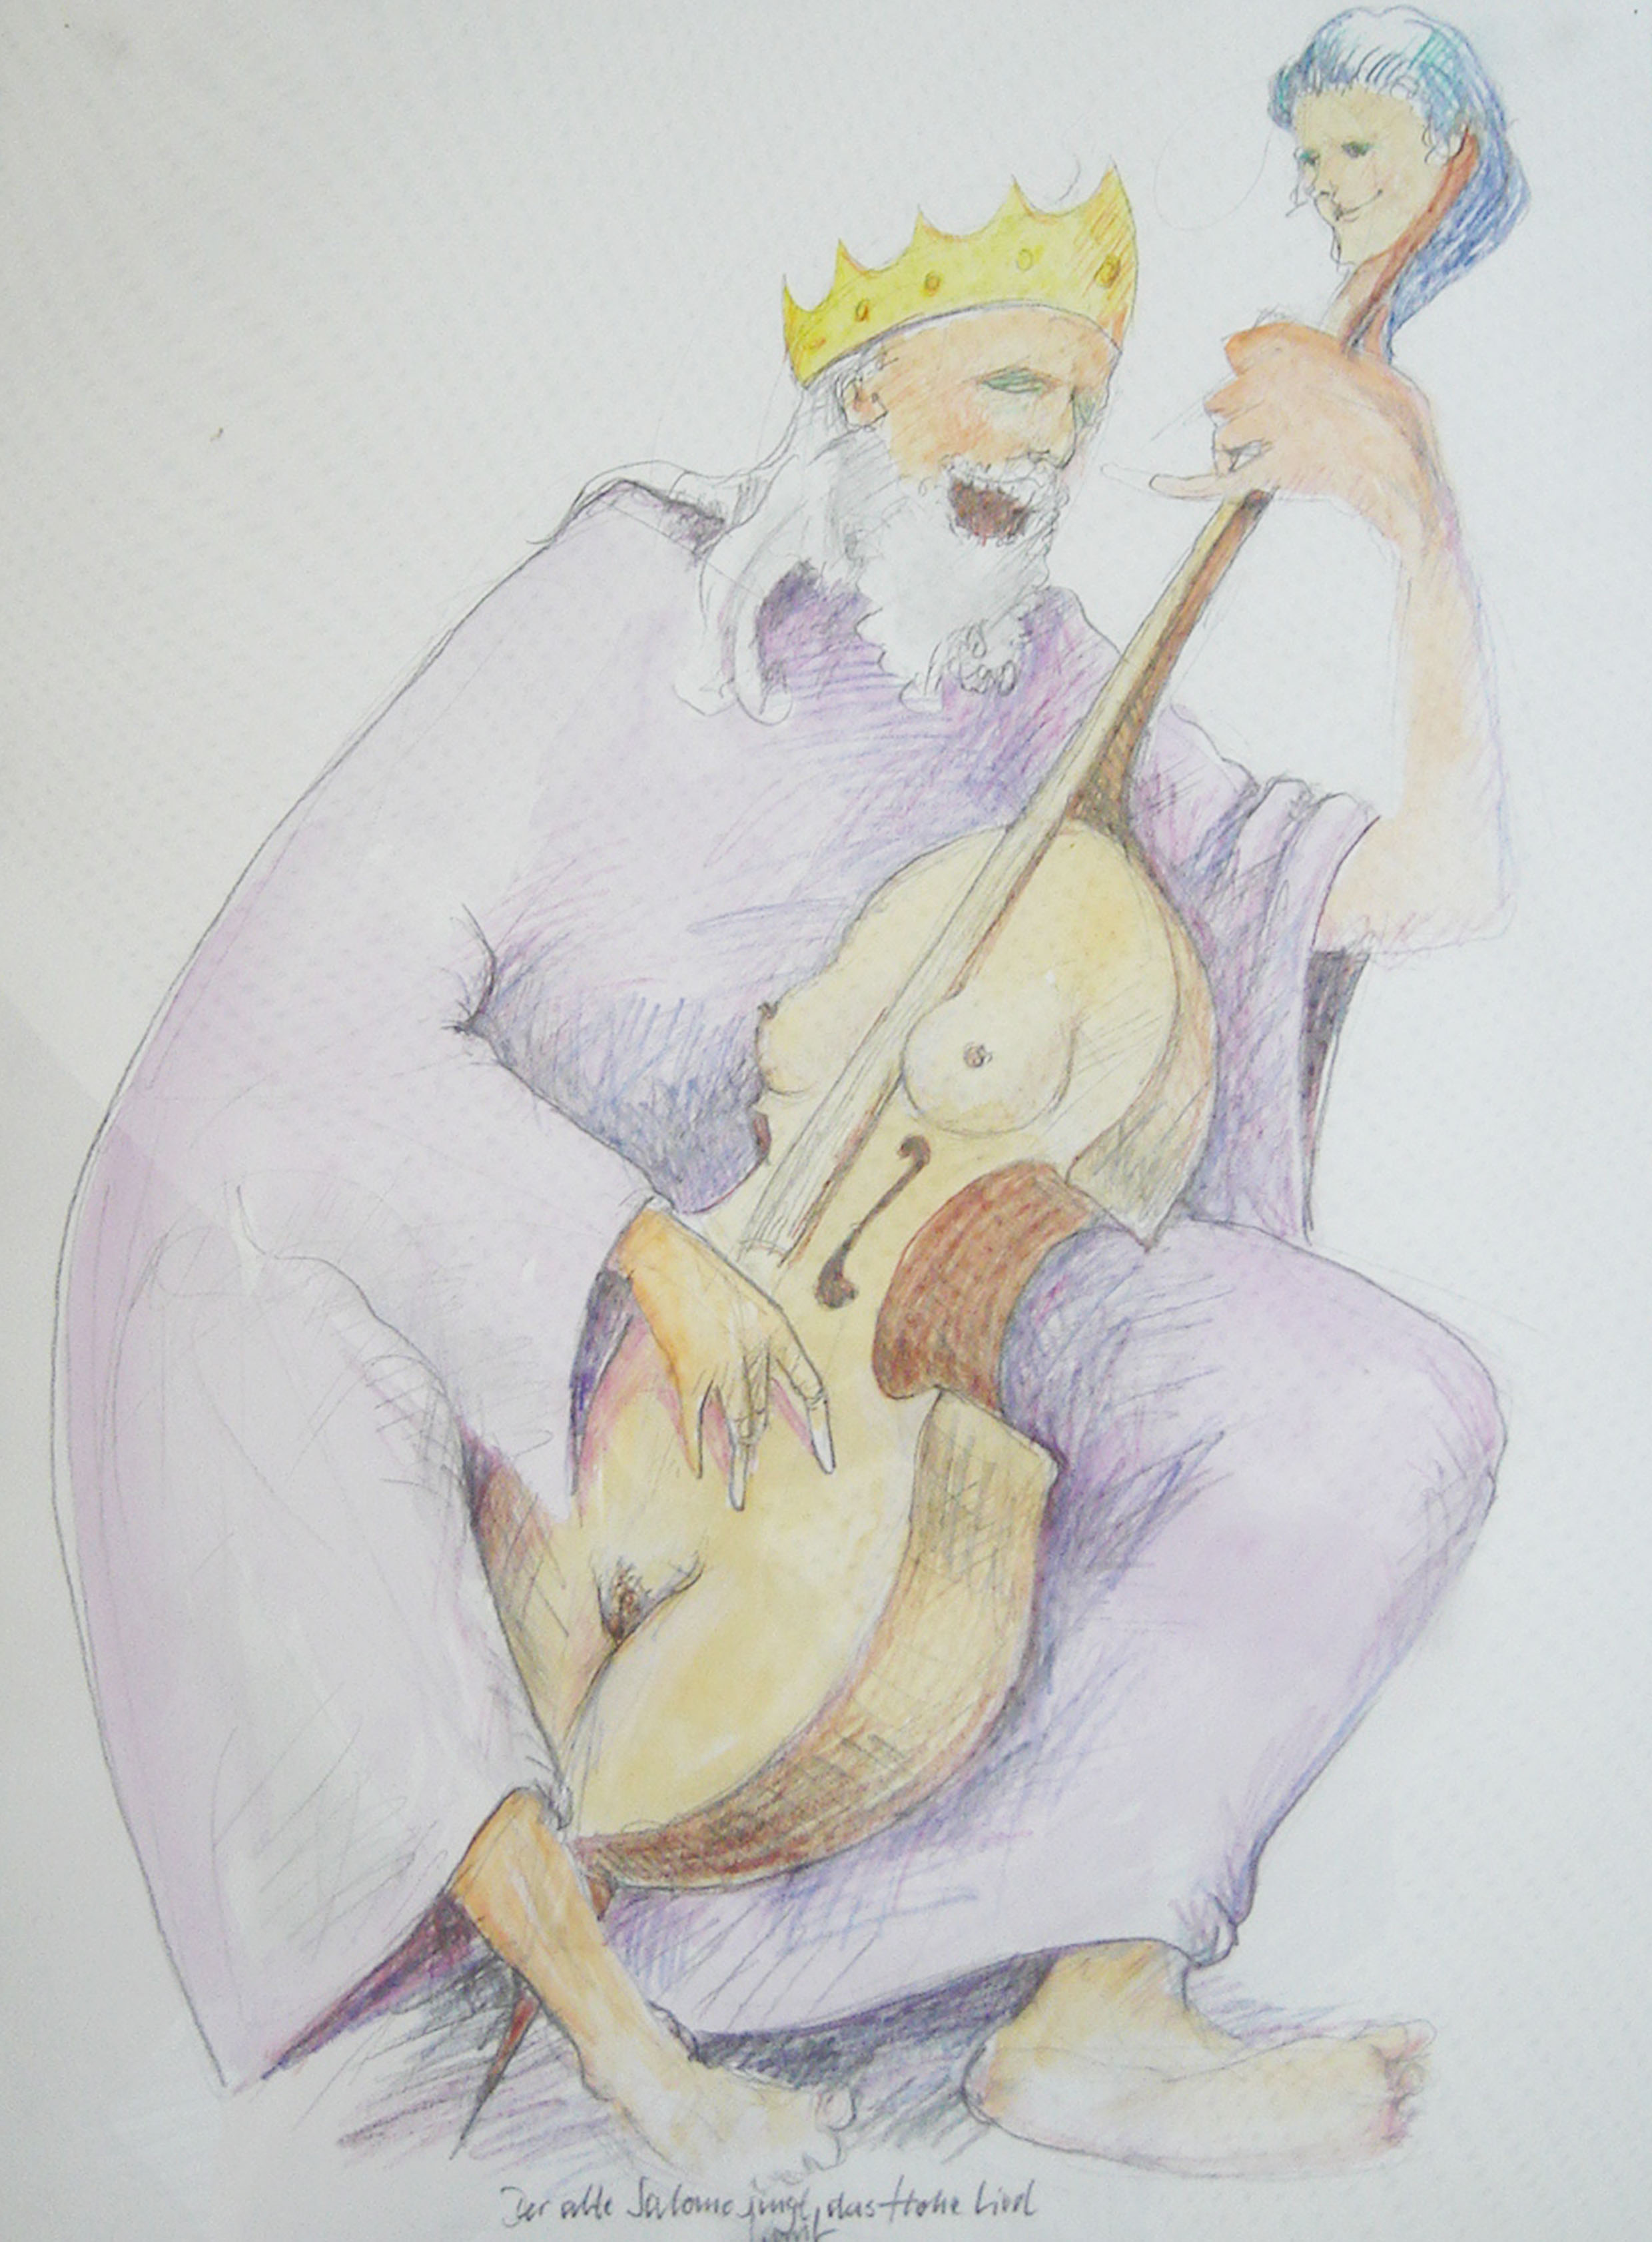 2003 Der alte Salomo singt das Hohe Lied